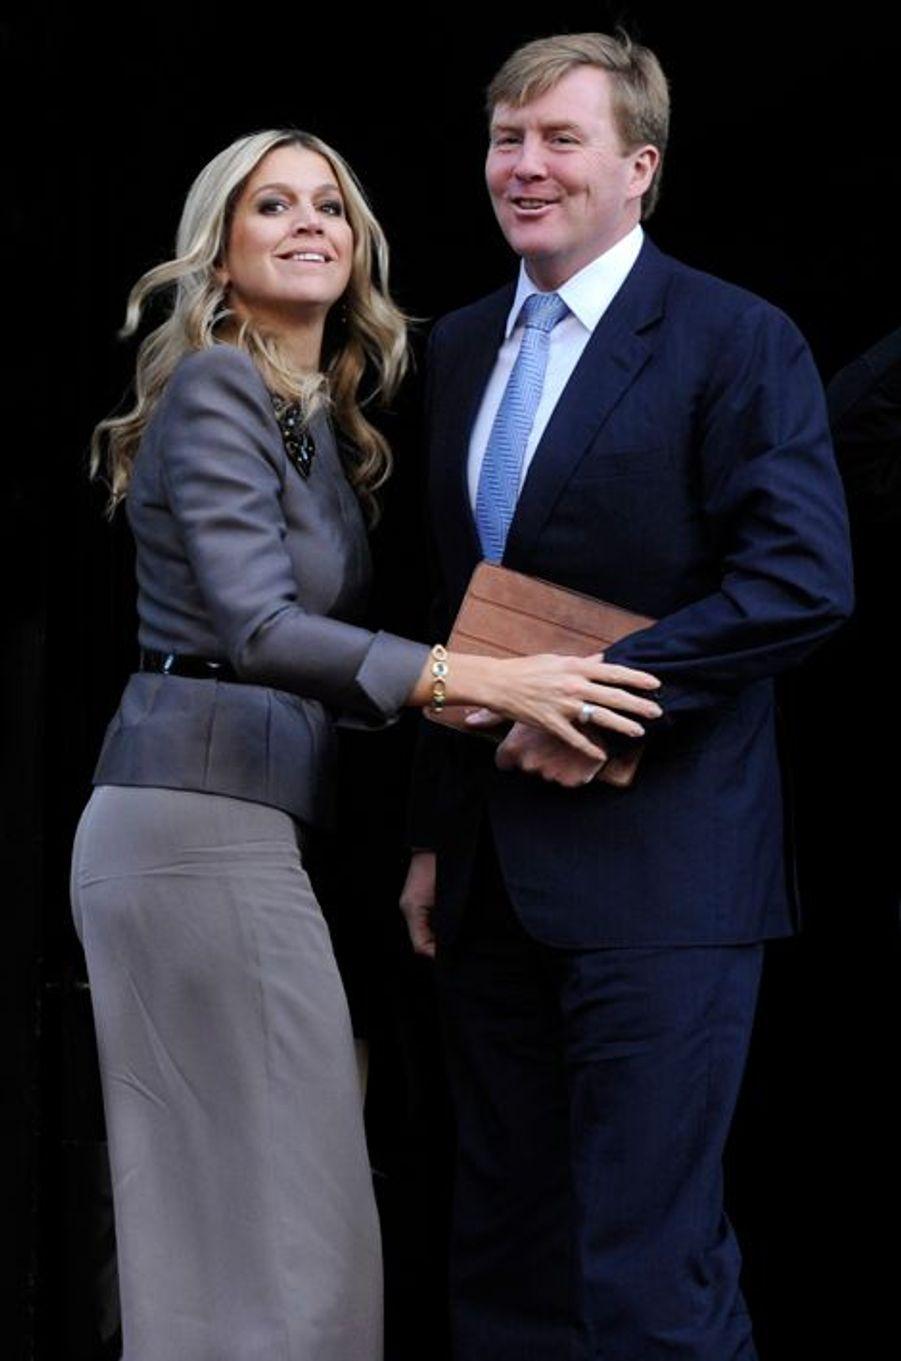 Maxima et Willem-Alexander, le 12 décembre 2012